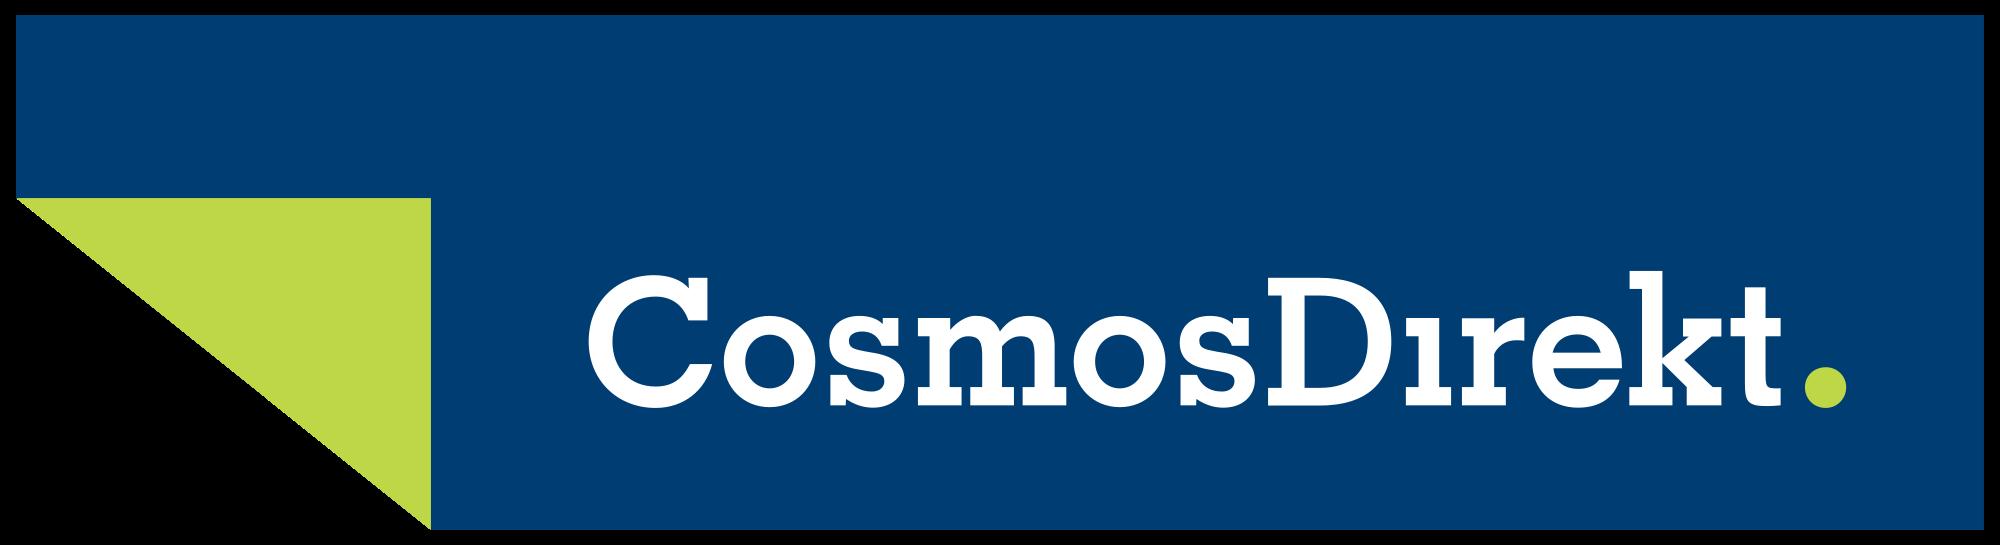 cosmos direkt autoversicherung  testbericht